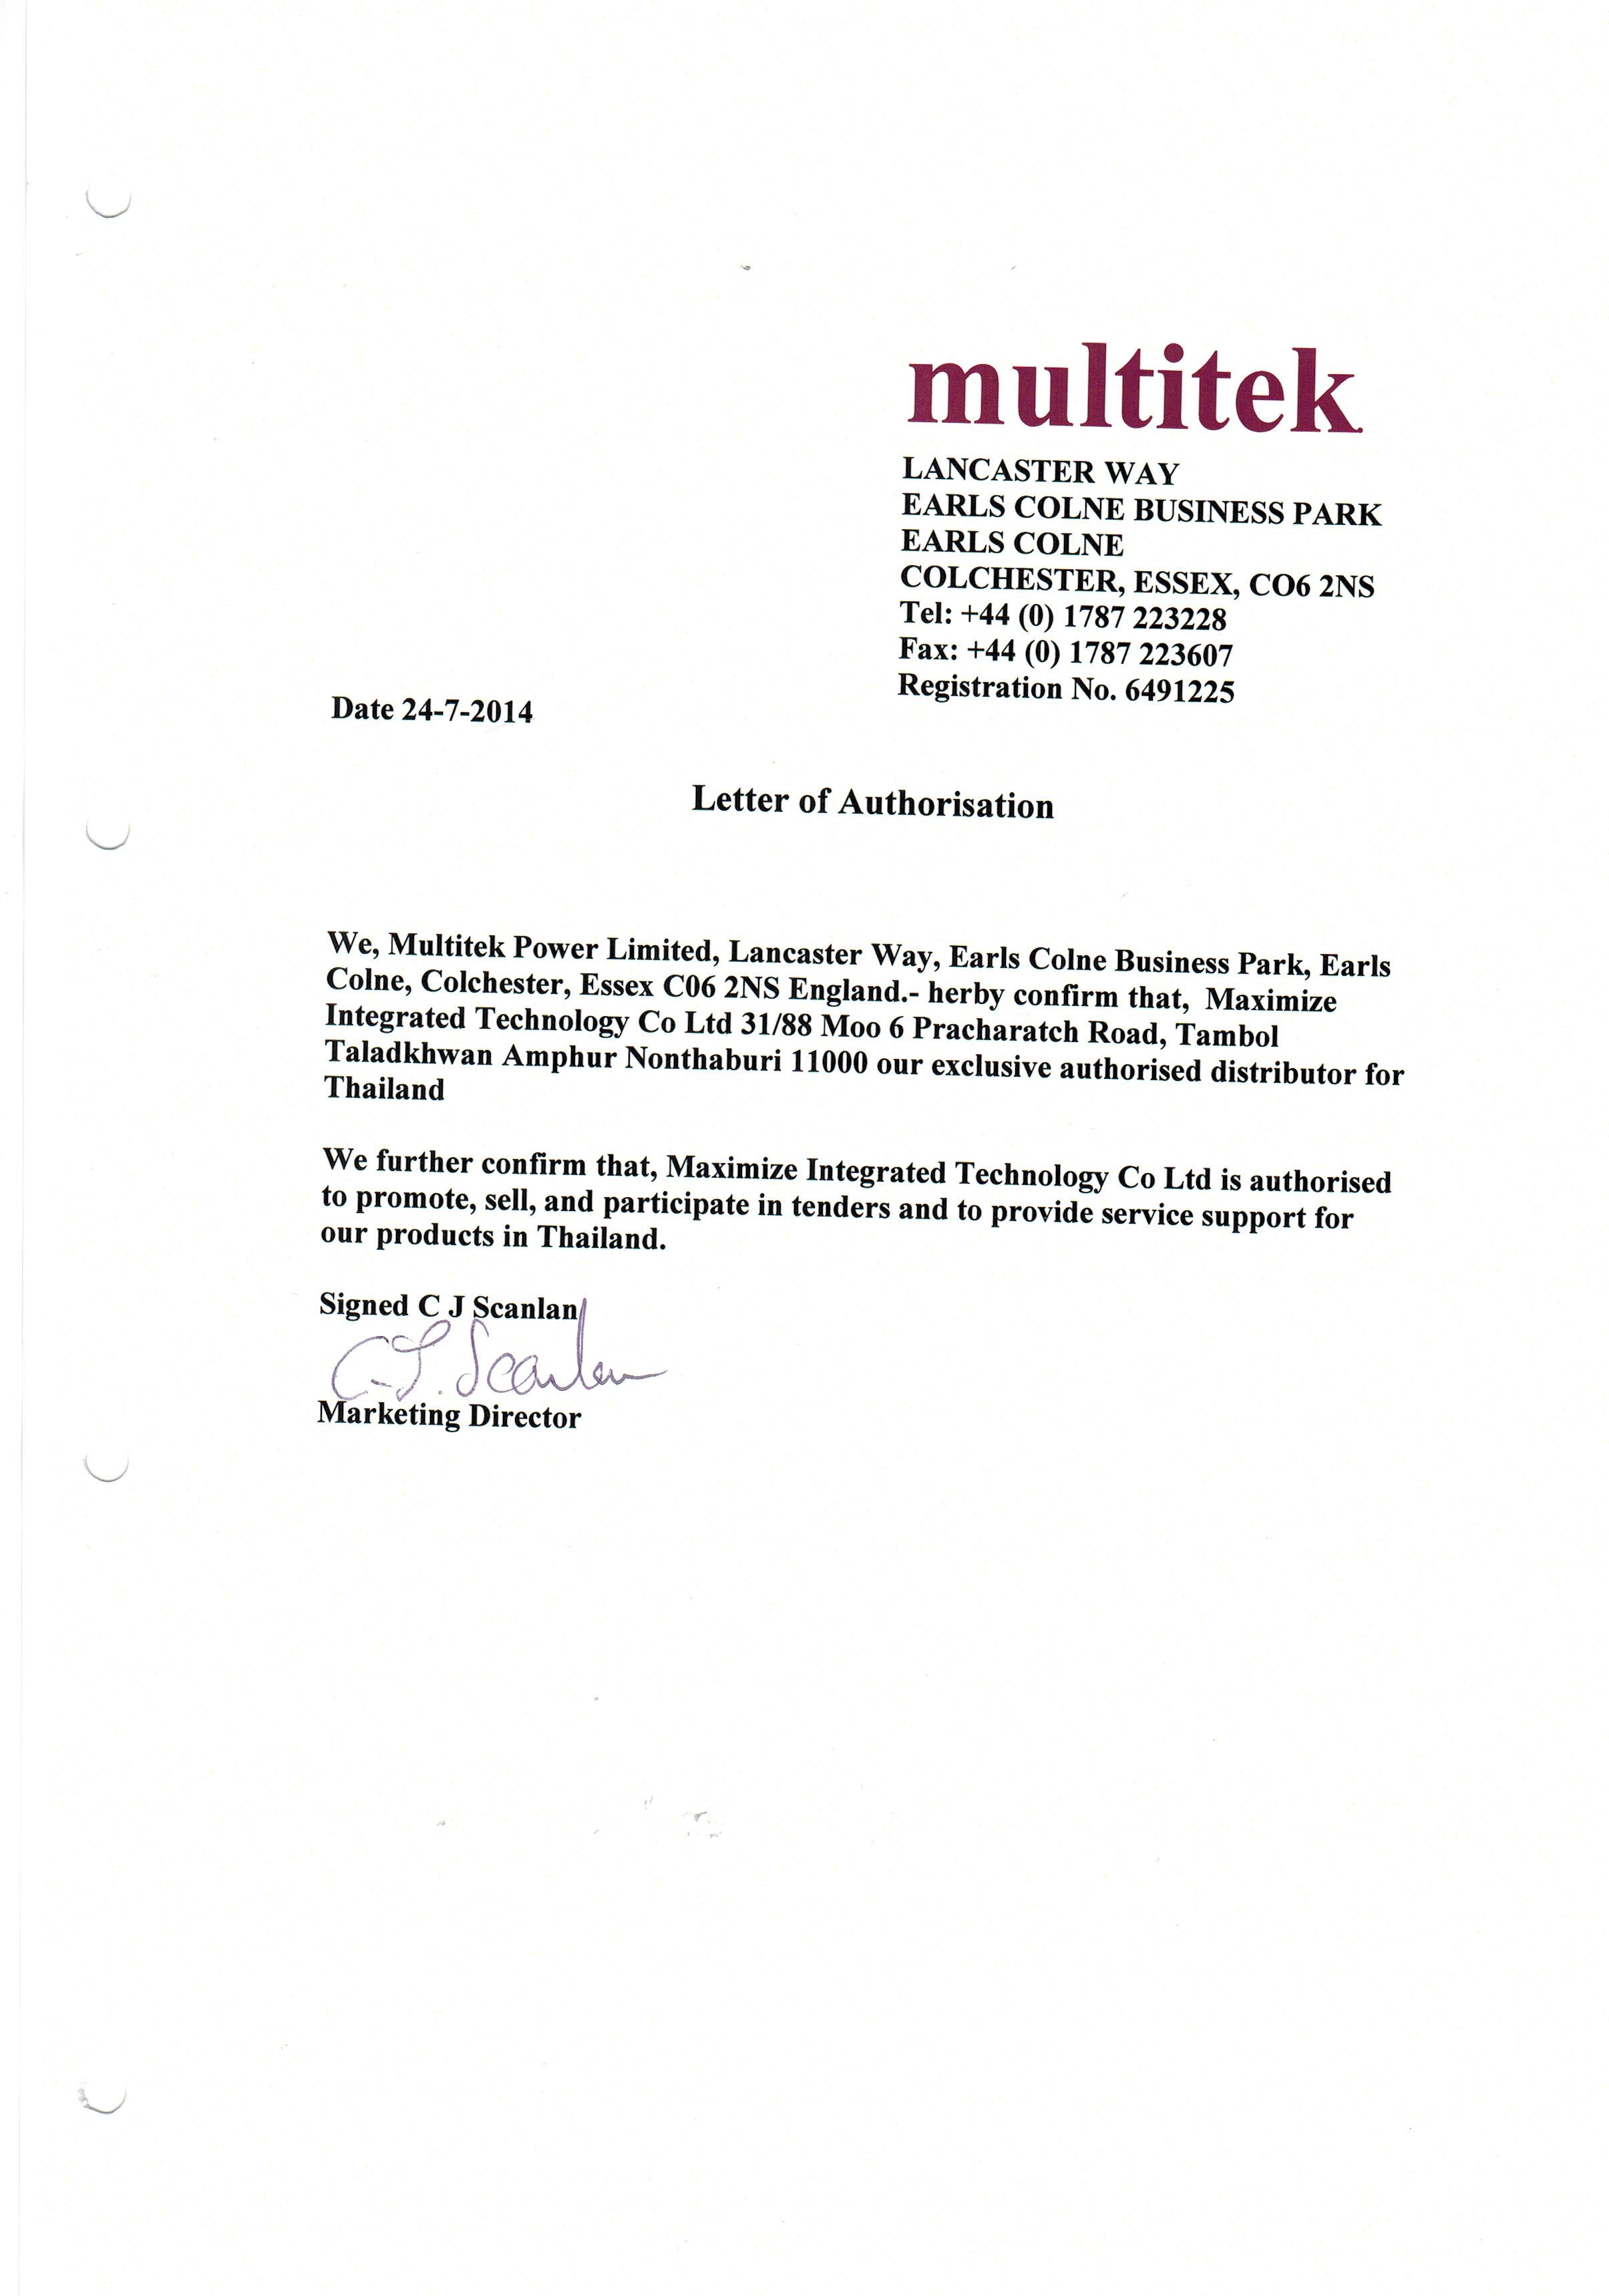 Distributor Letter